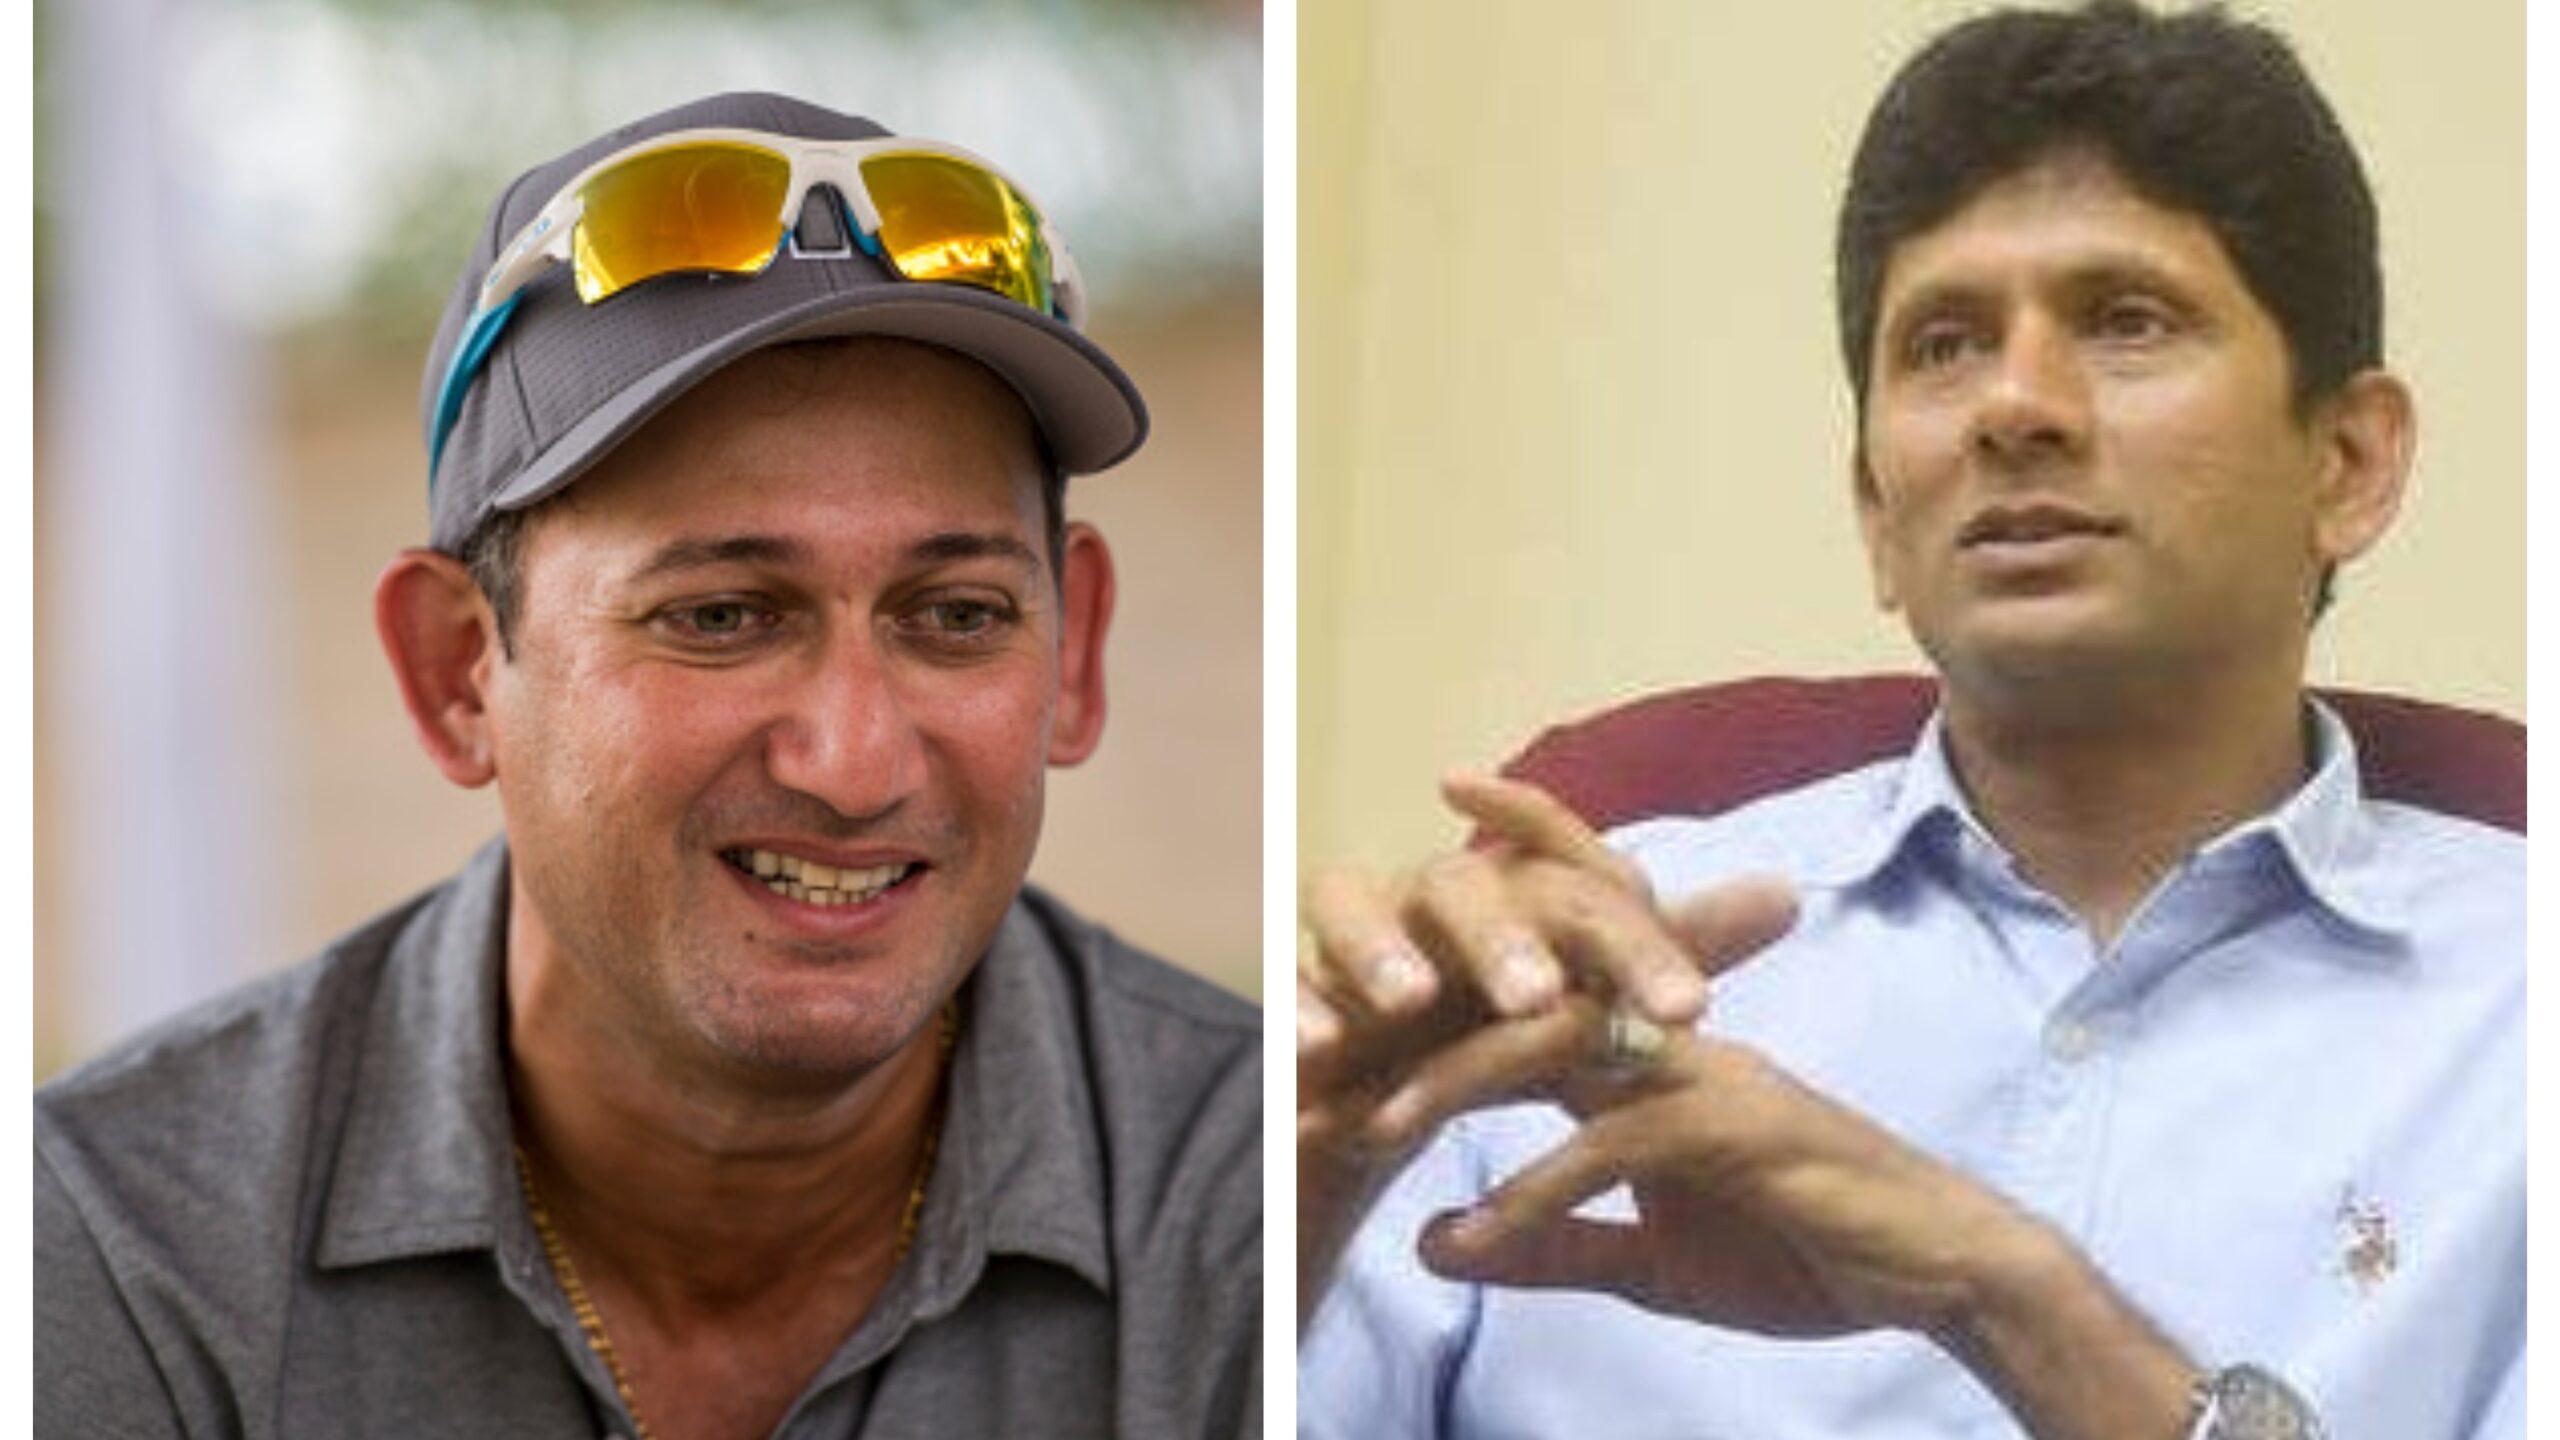 भारतीय क्रिकेट टीम के मुख्य चयनकर्ता के लिए अब इन दोनों दिग्गजों के बीच मानी जा रही है सीधी टक्कर 9